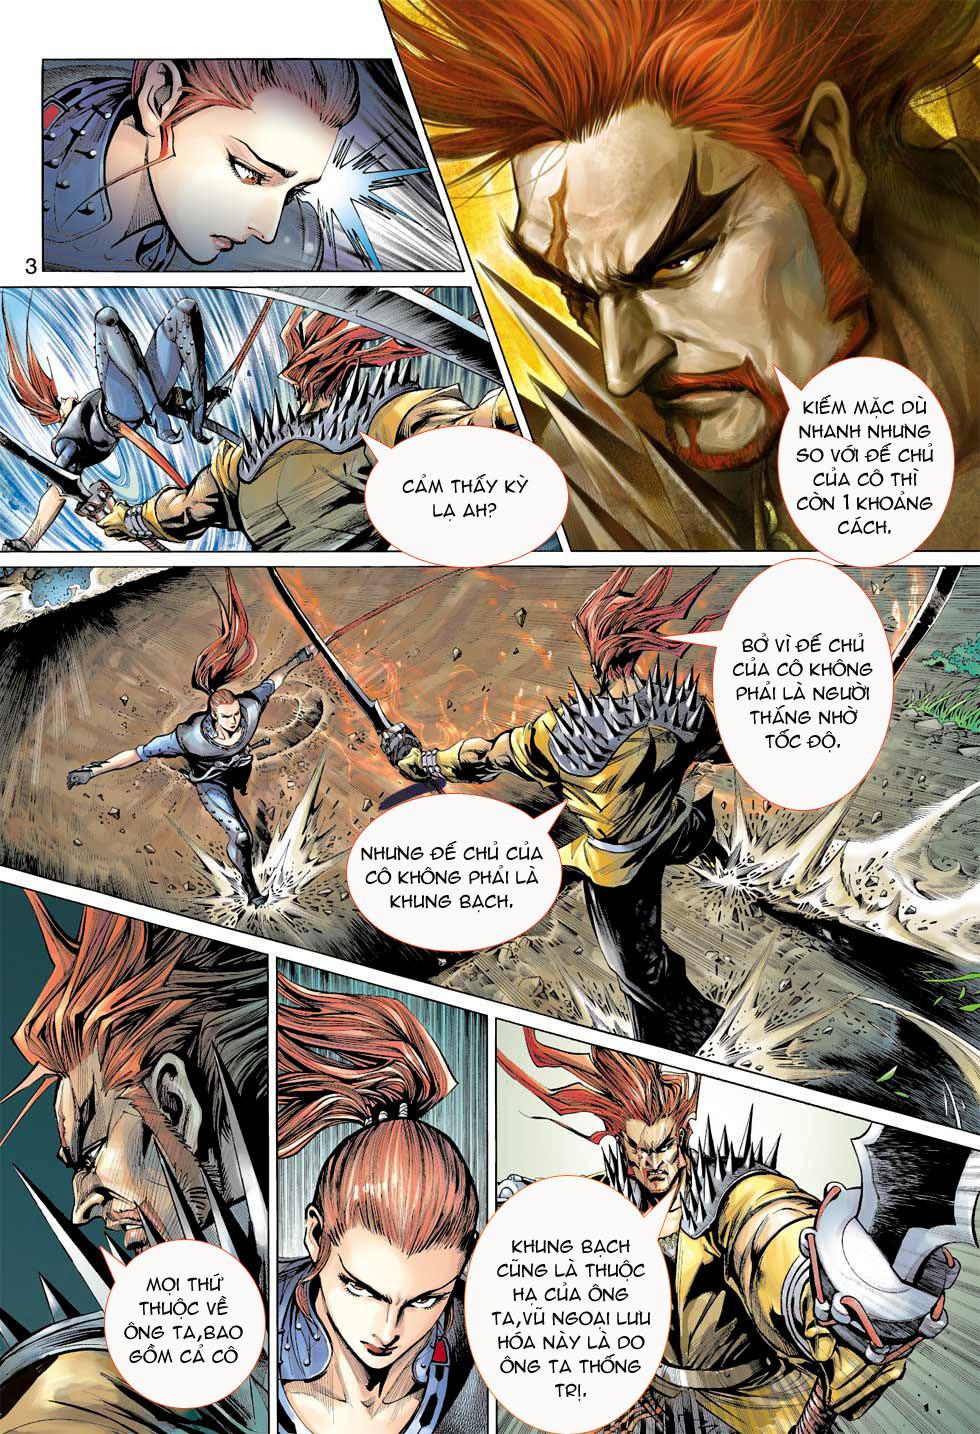 Thần Binh 4 chap 7 - Trang 3